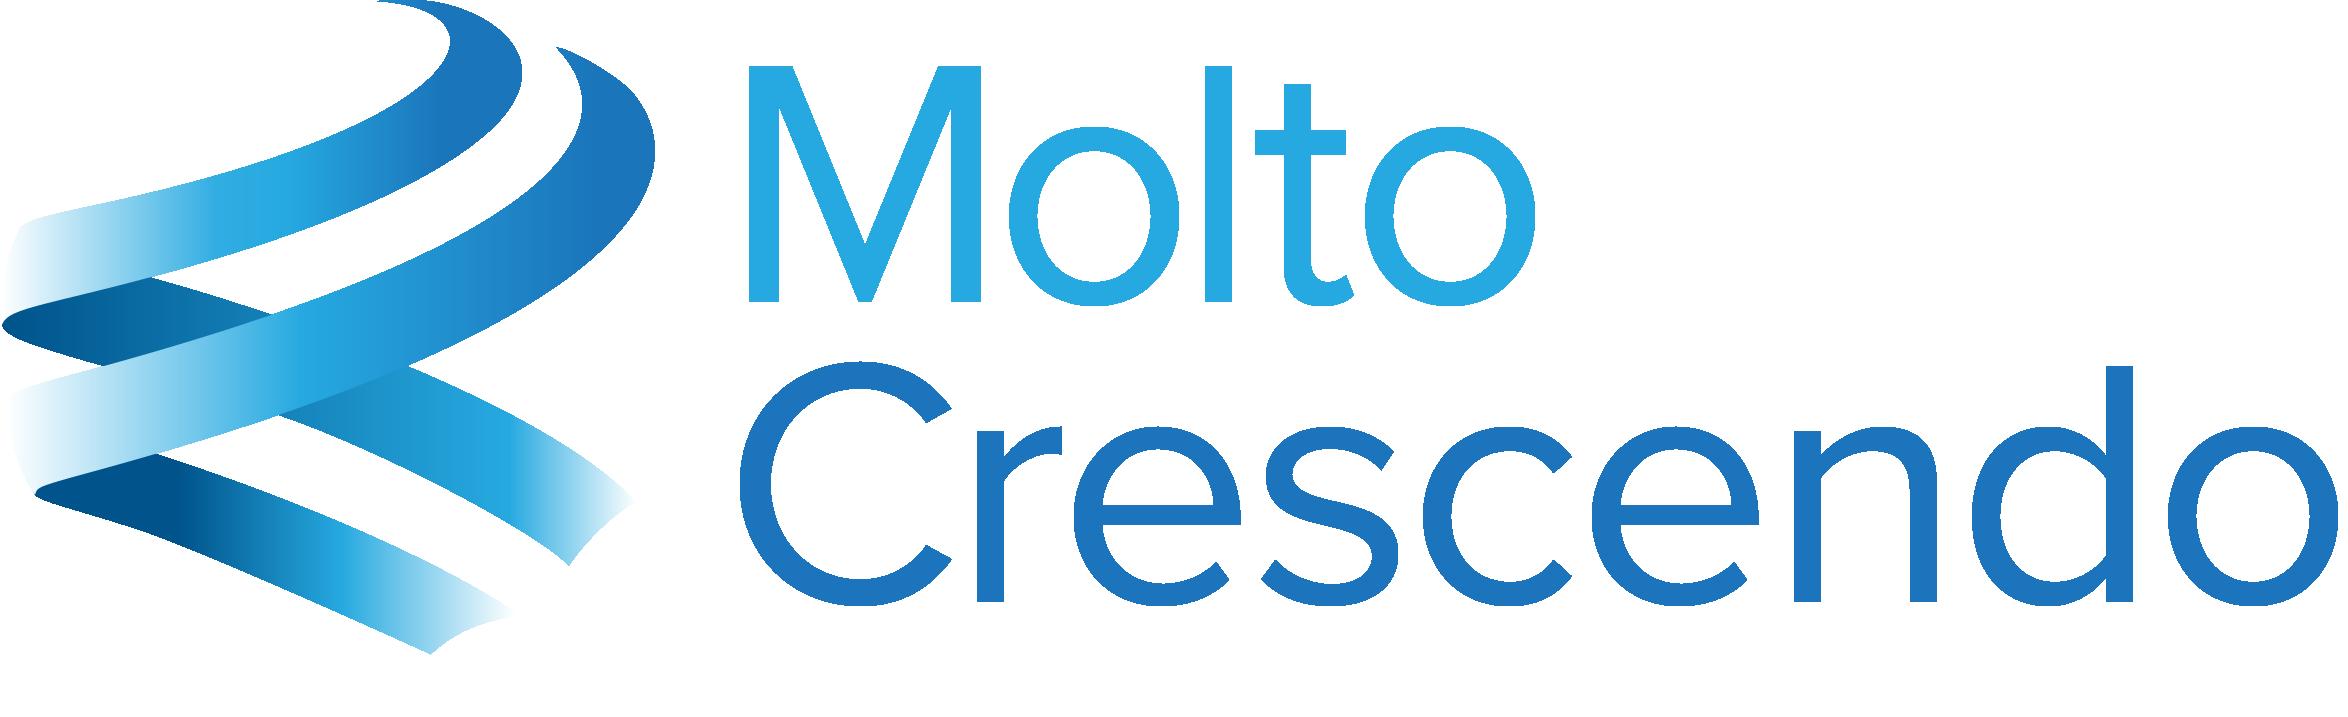 Molto Crescendo, Inc.